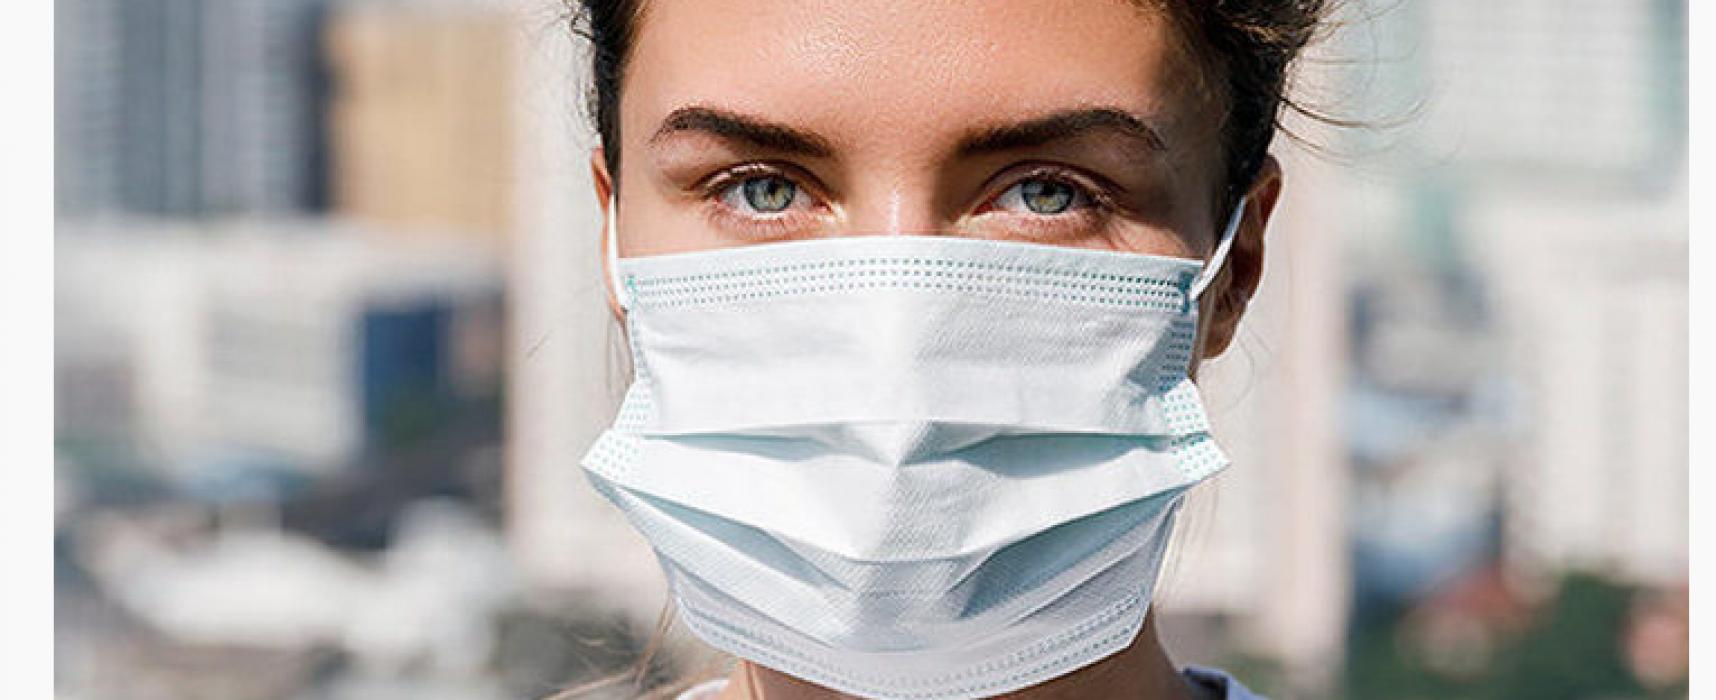 Фейк: Медицинскую маску можно носить разной стороной